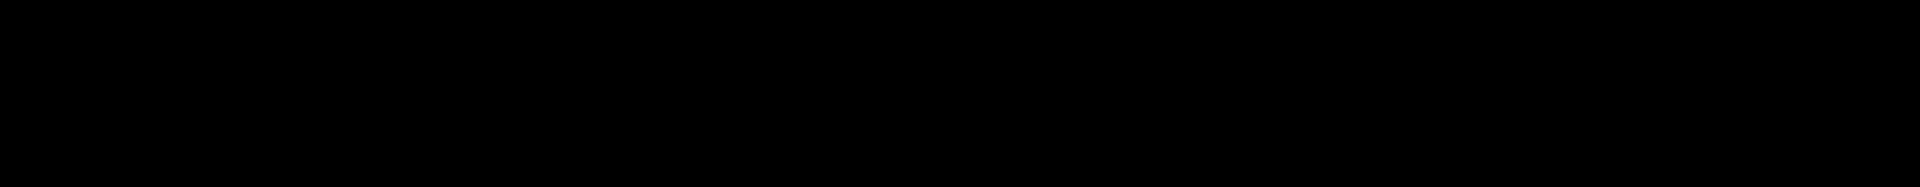 fekete-hatarolo-csik-felso